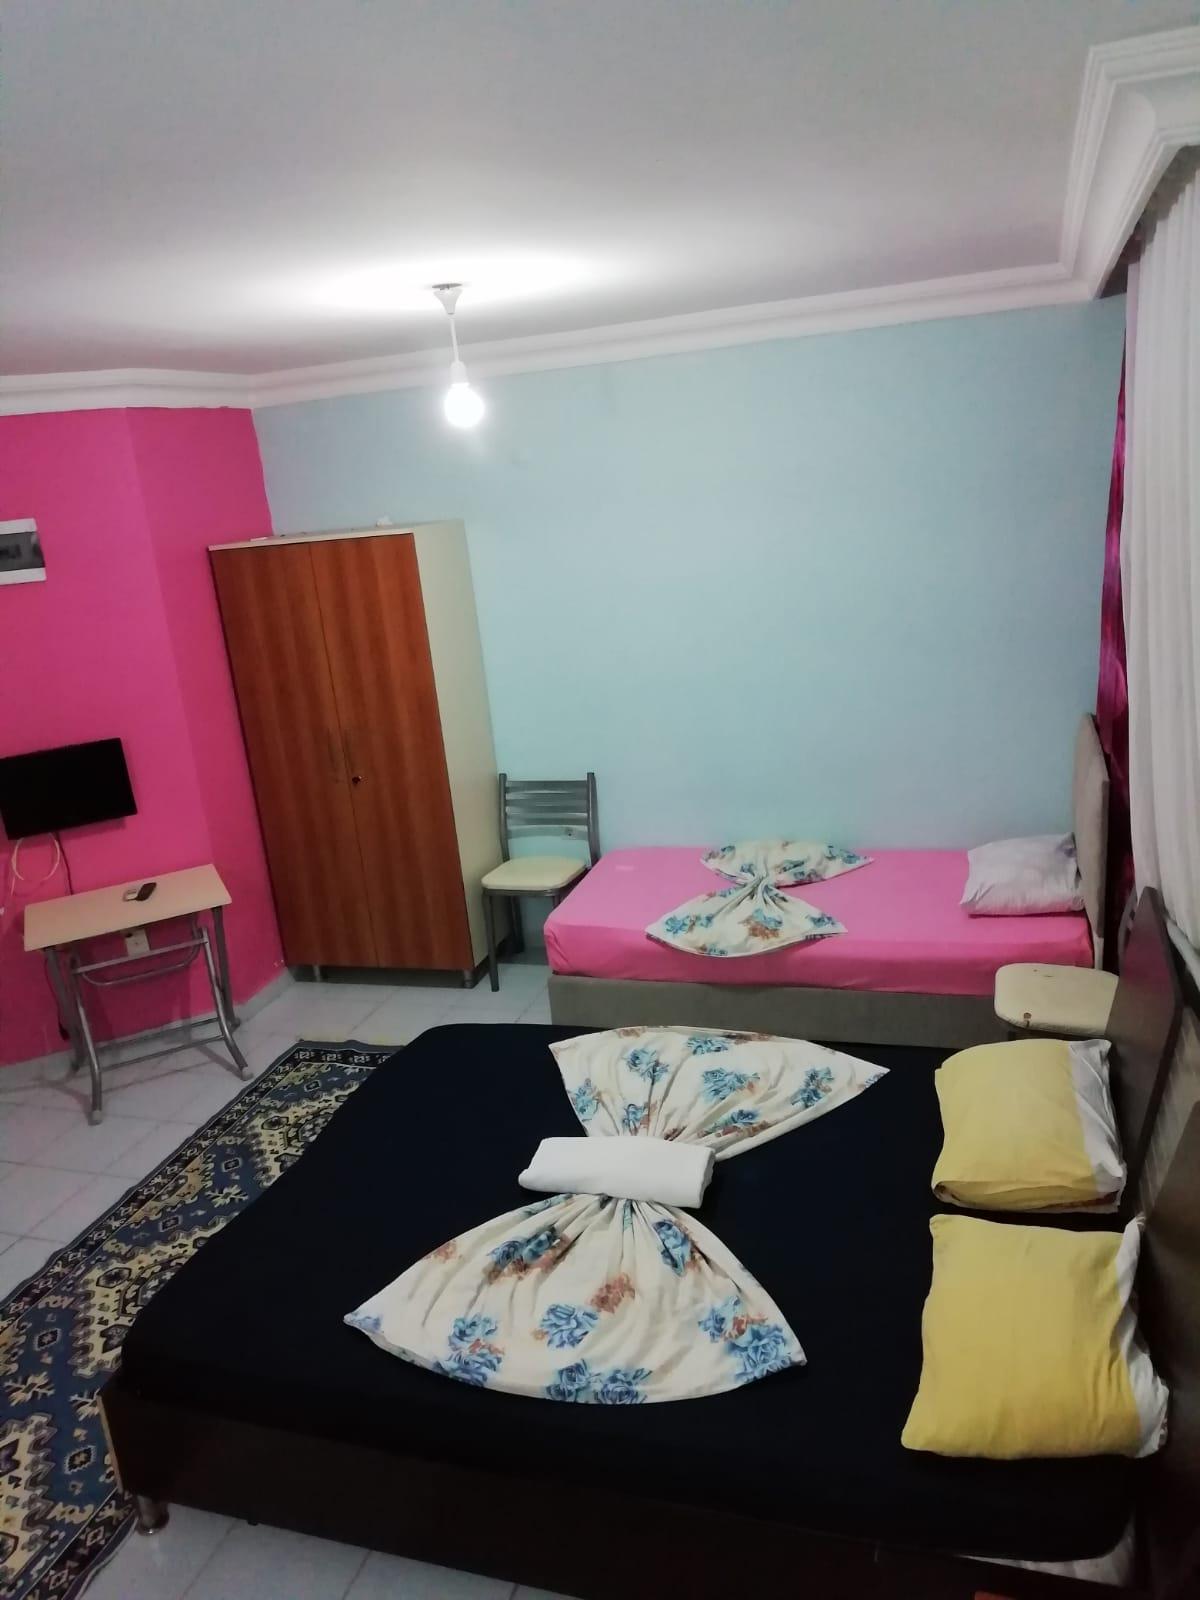 WhiteBlue Sevgi Otel, Antalya, Kepez, 39947